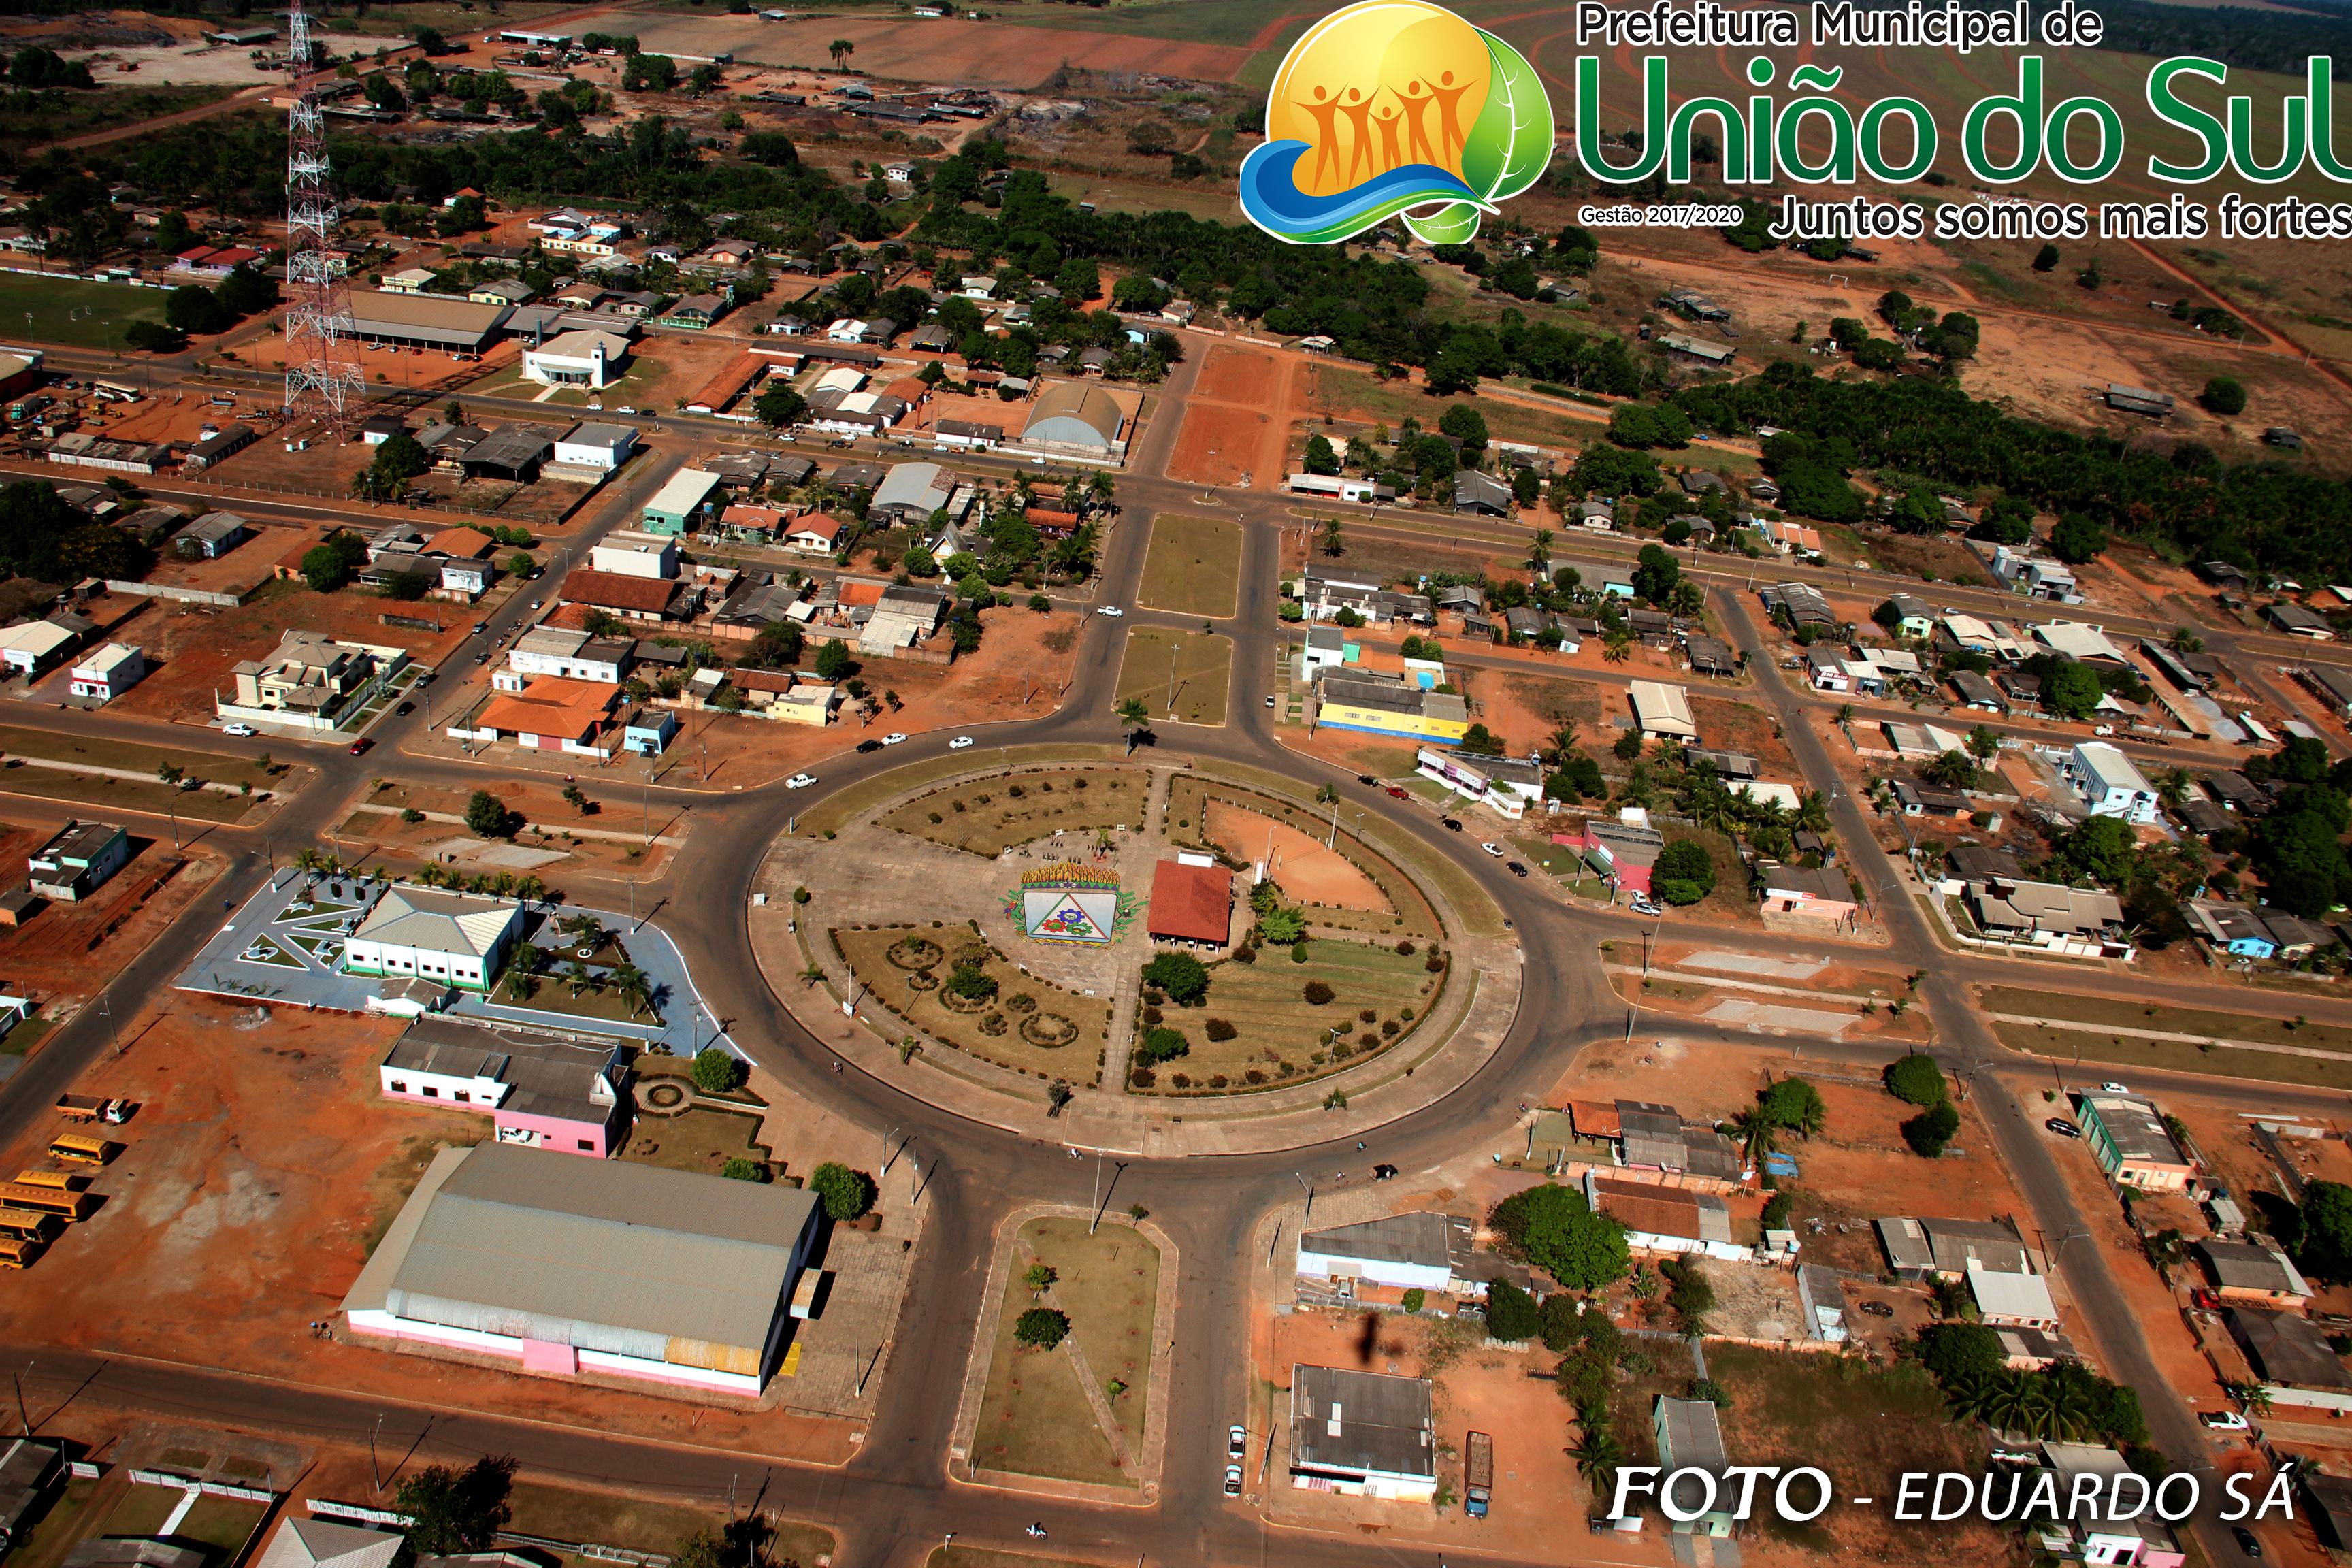 União do Sul Mato Grosso fonte: www.uniaodosul.mt.gov.br